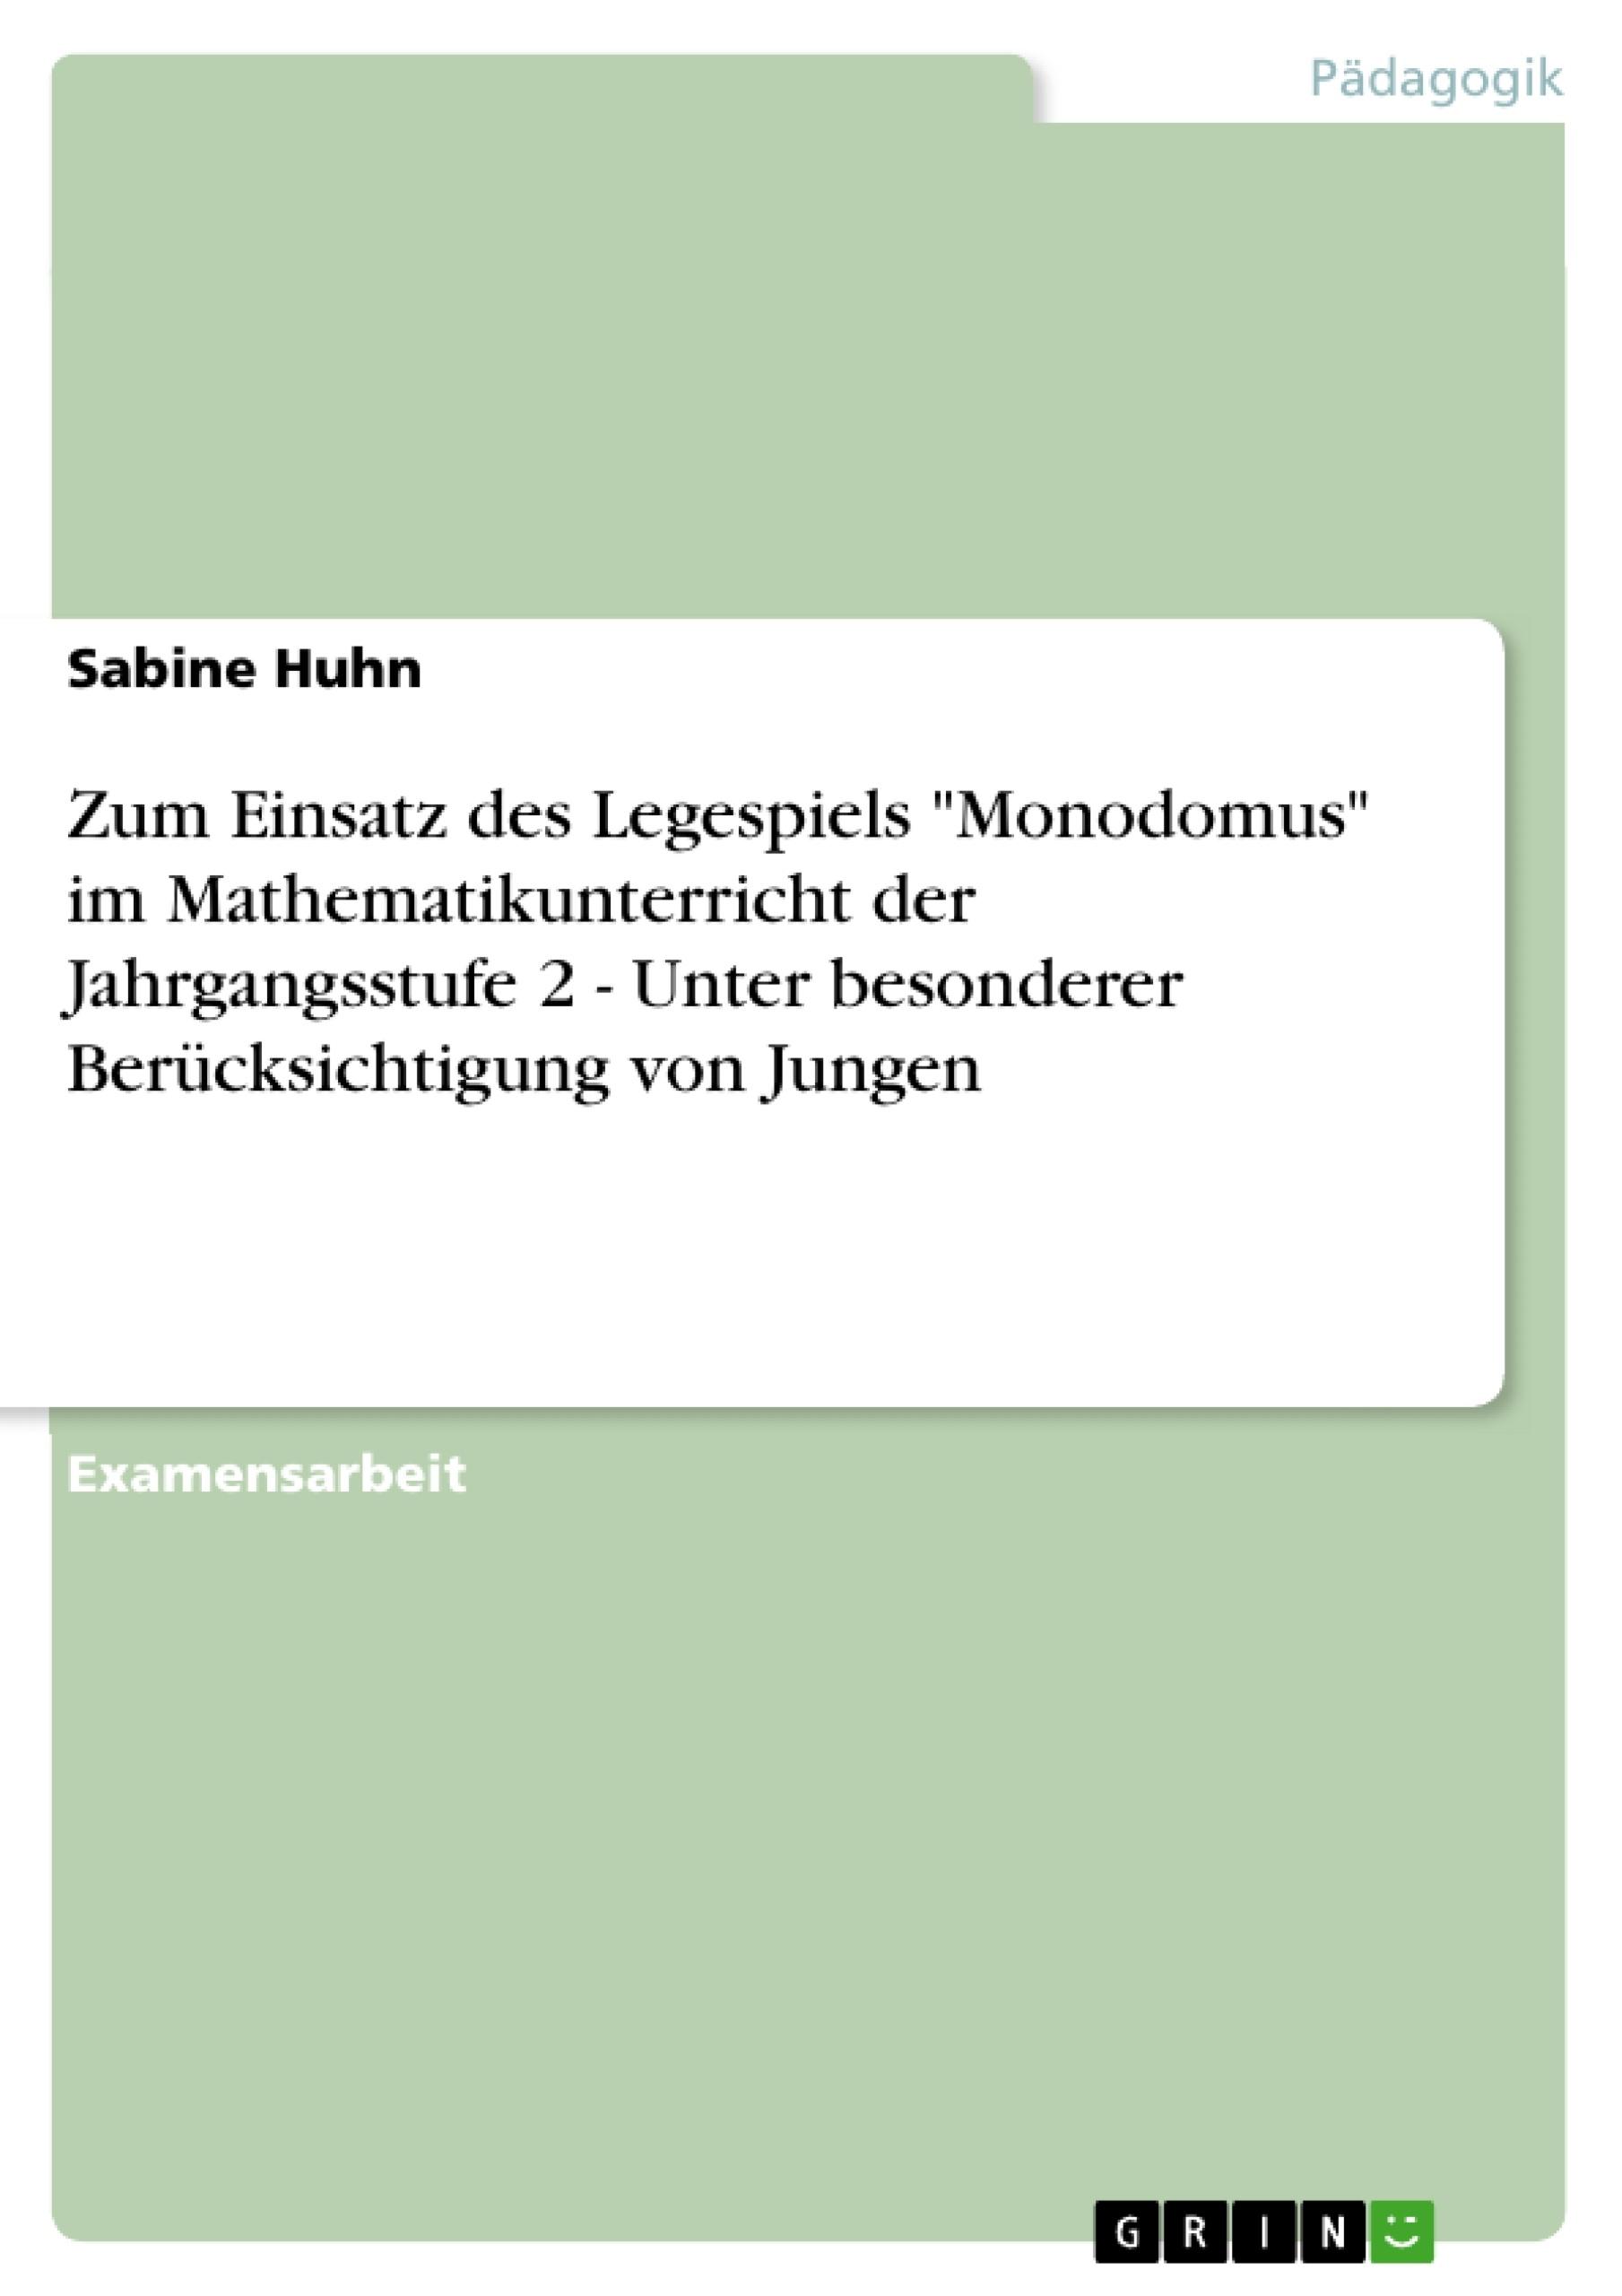 """Titel: Zum Einsatz des Legespiels """"Monodomus"""" im Mathematikunterricht der Jahrgangsstufe 2 - Unter besonderer Berücksichtigung von Jungen"""